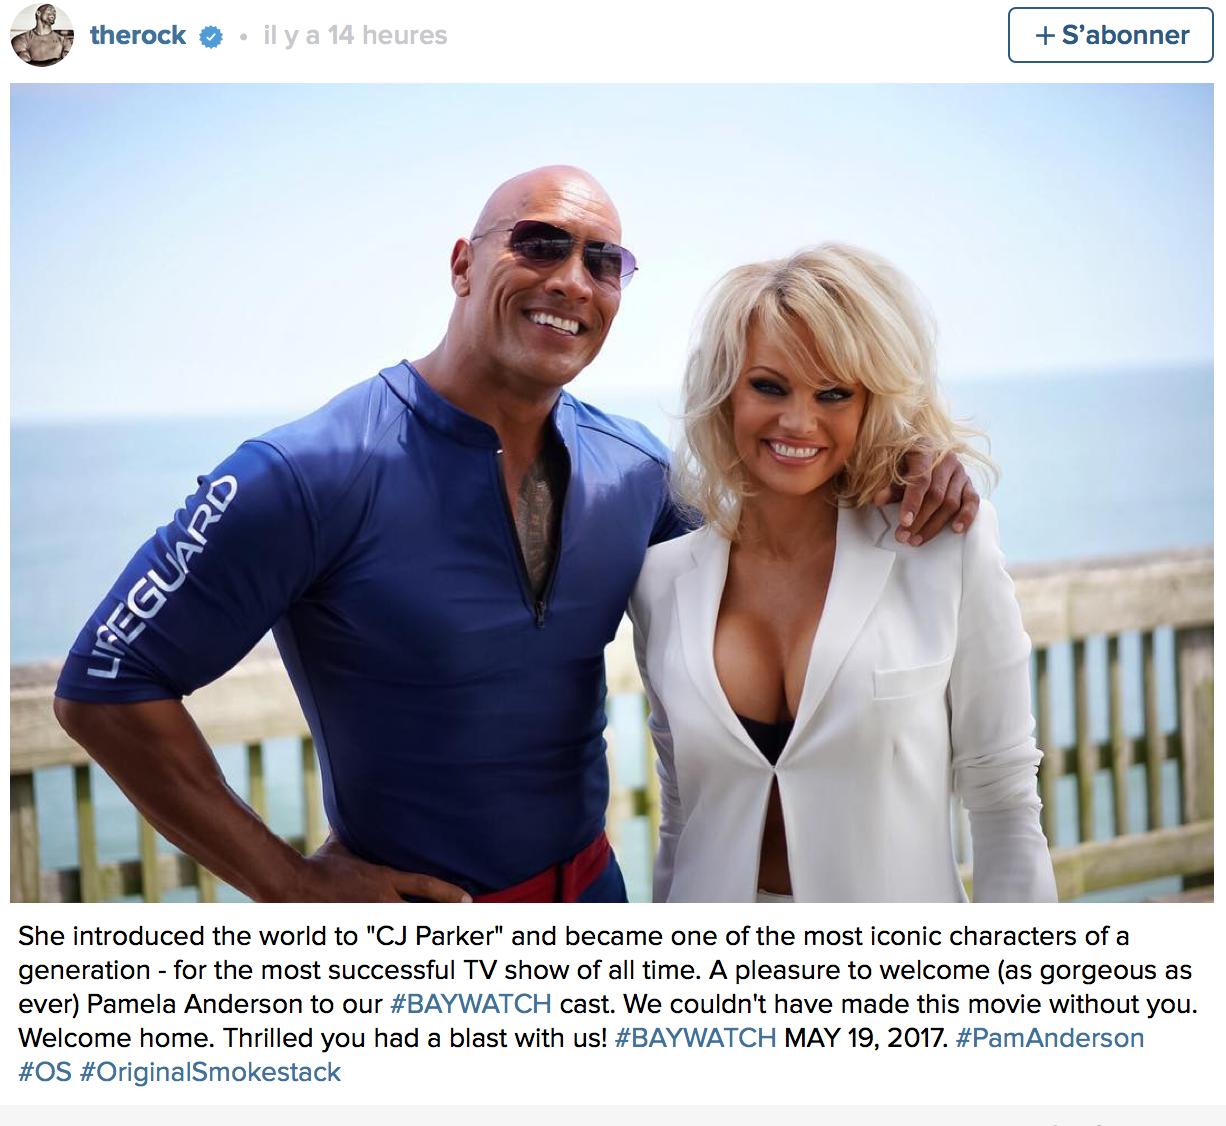 Le célèbre Dwayne Johnson jouera le rôle principal dans le film, c'est lui qui a révélé que Pamela fera partie du casting